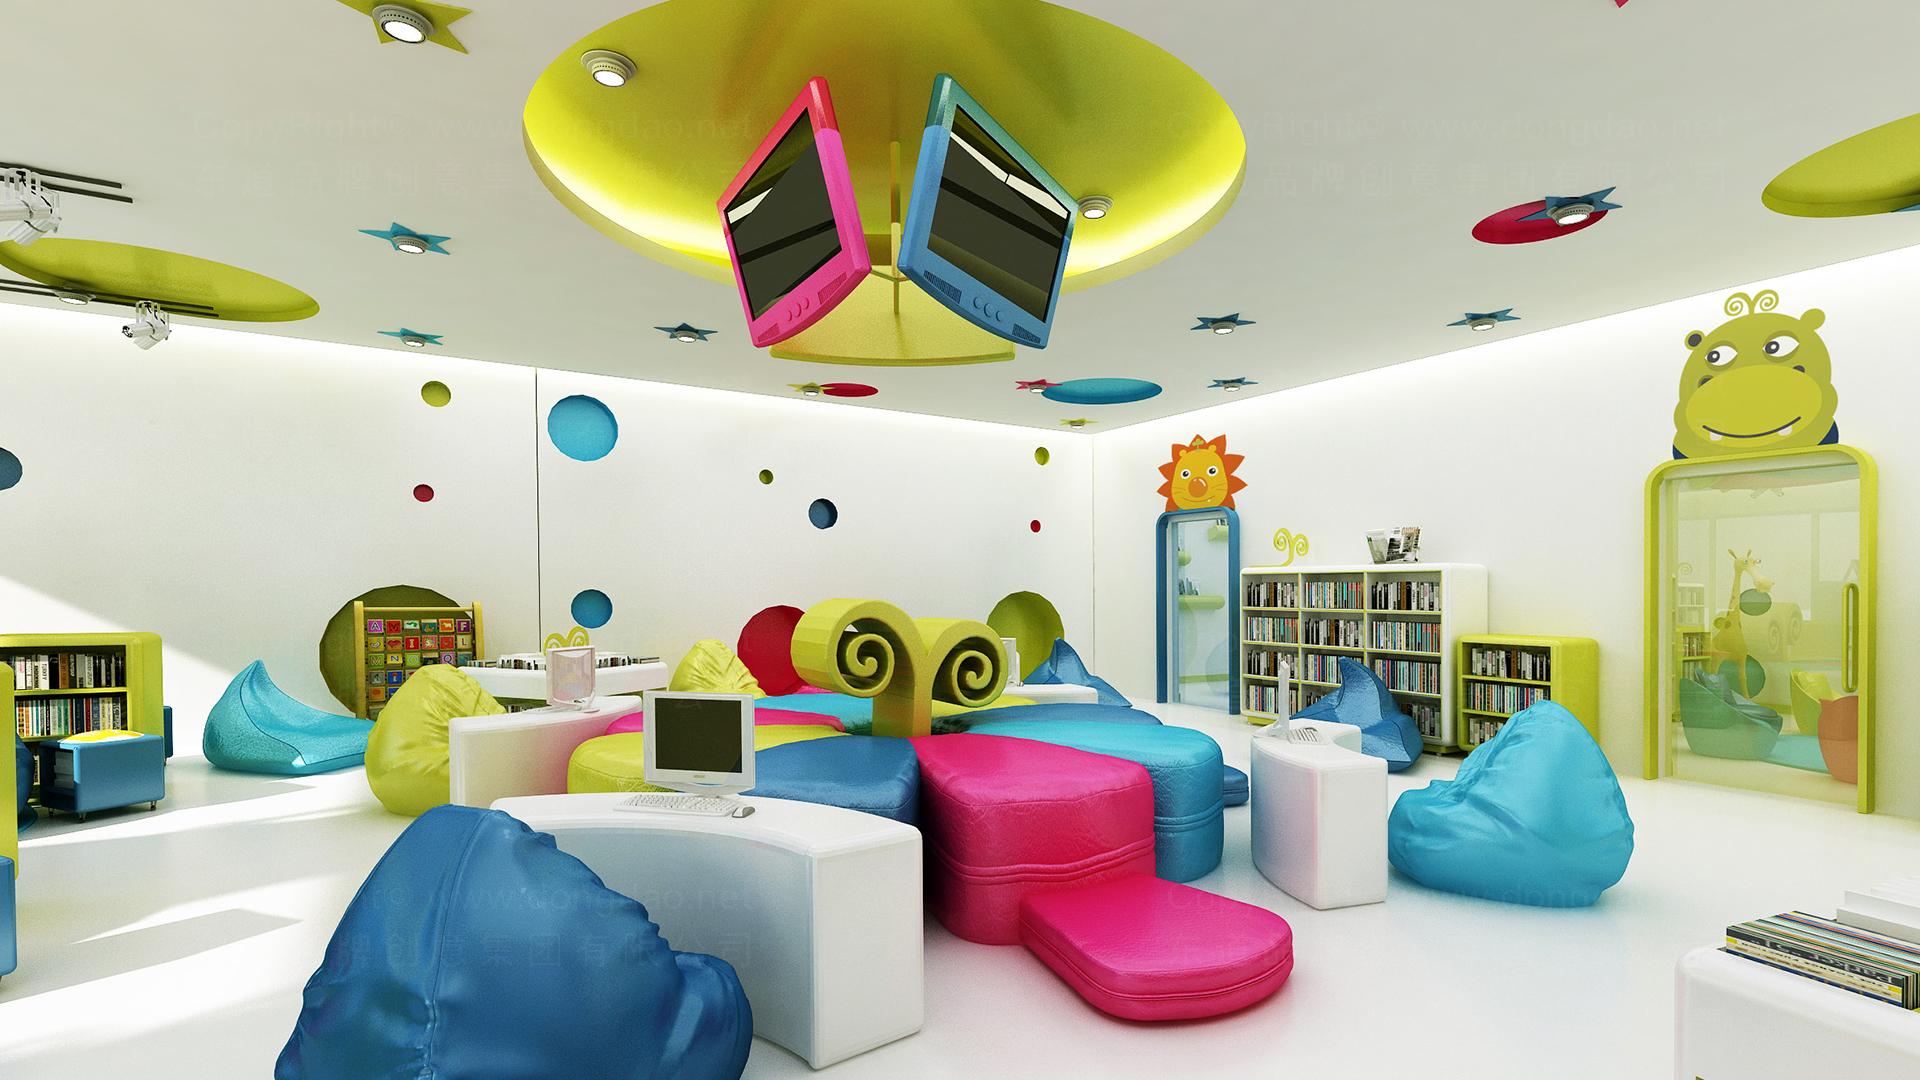 银行金融图豆图书馆图书馆终端SI设计